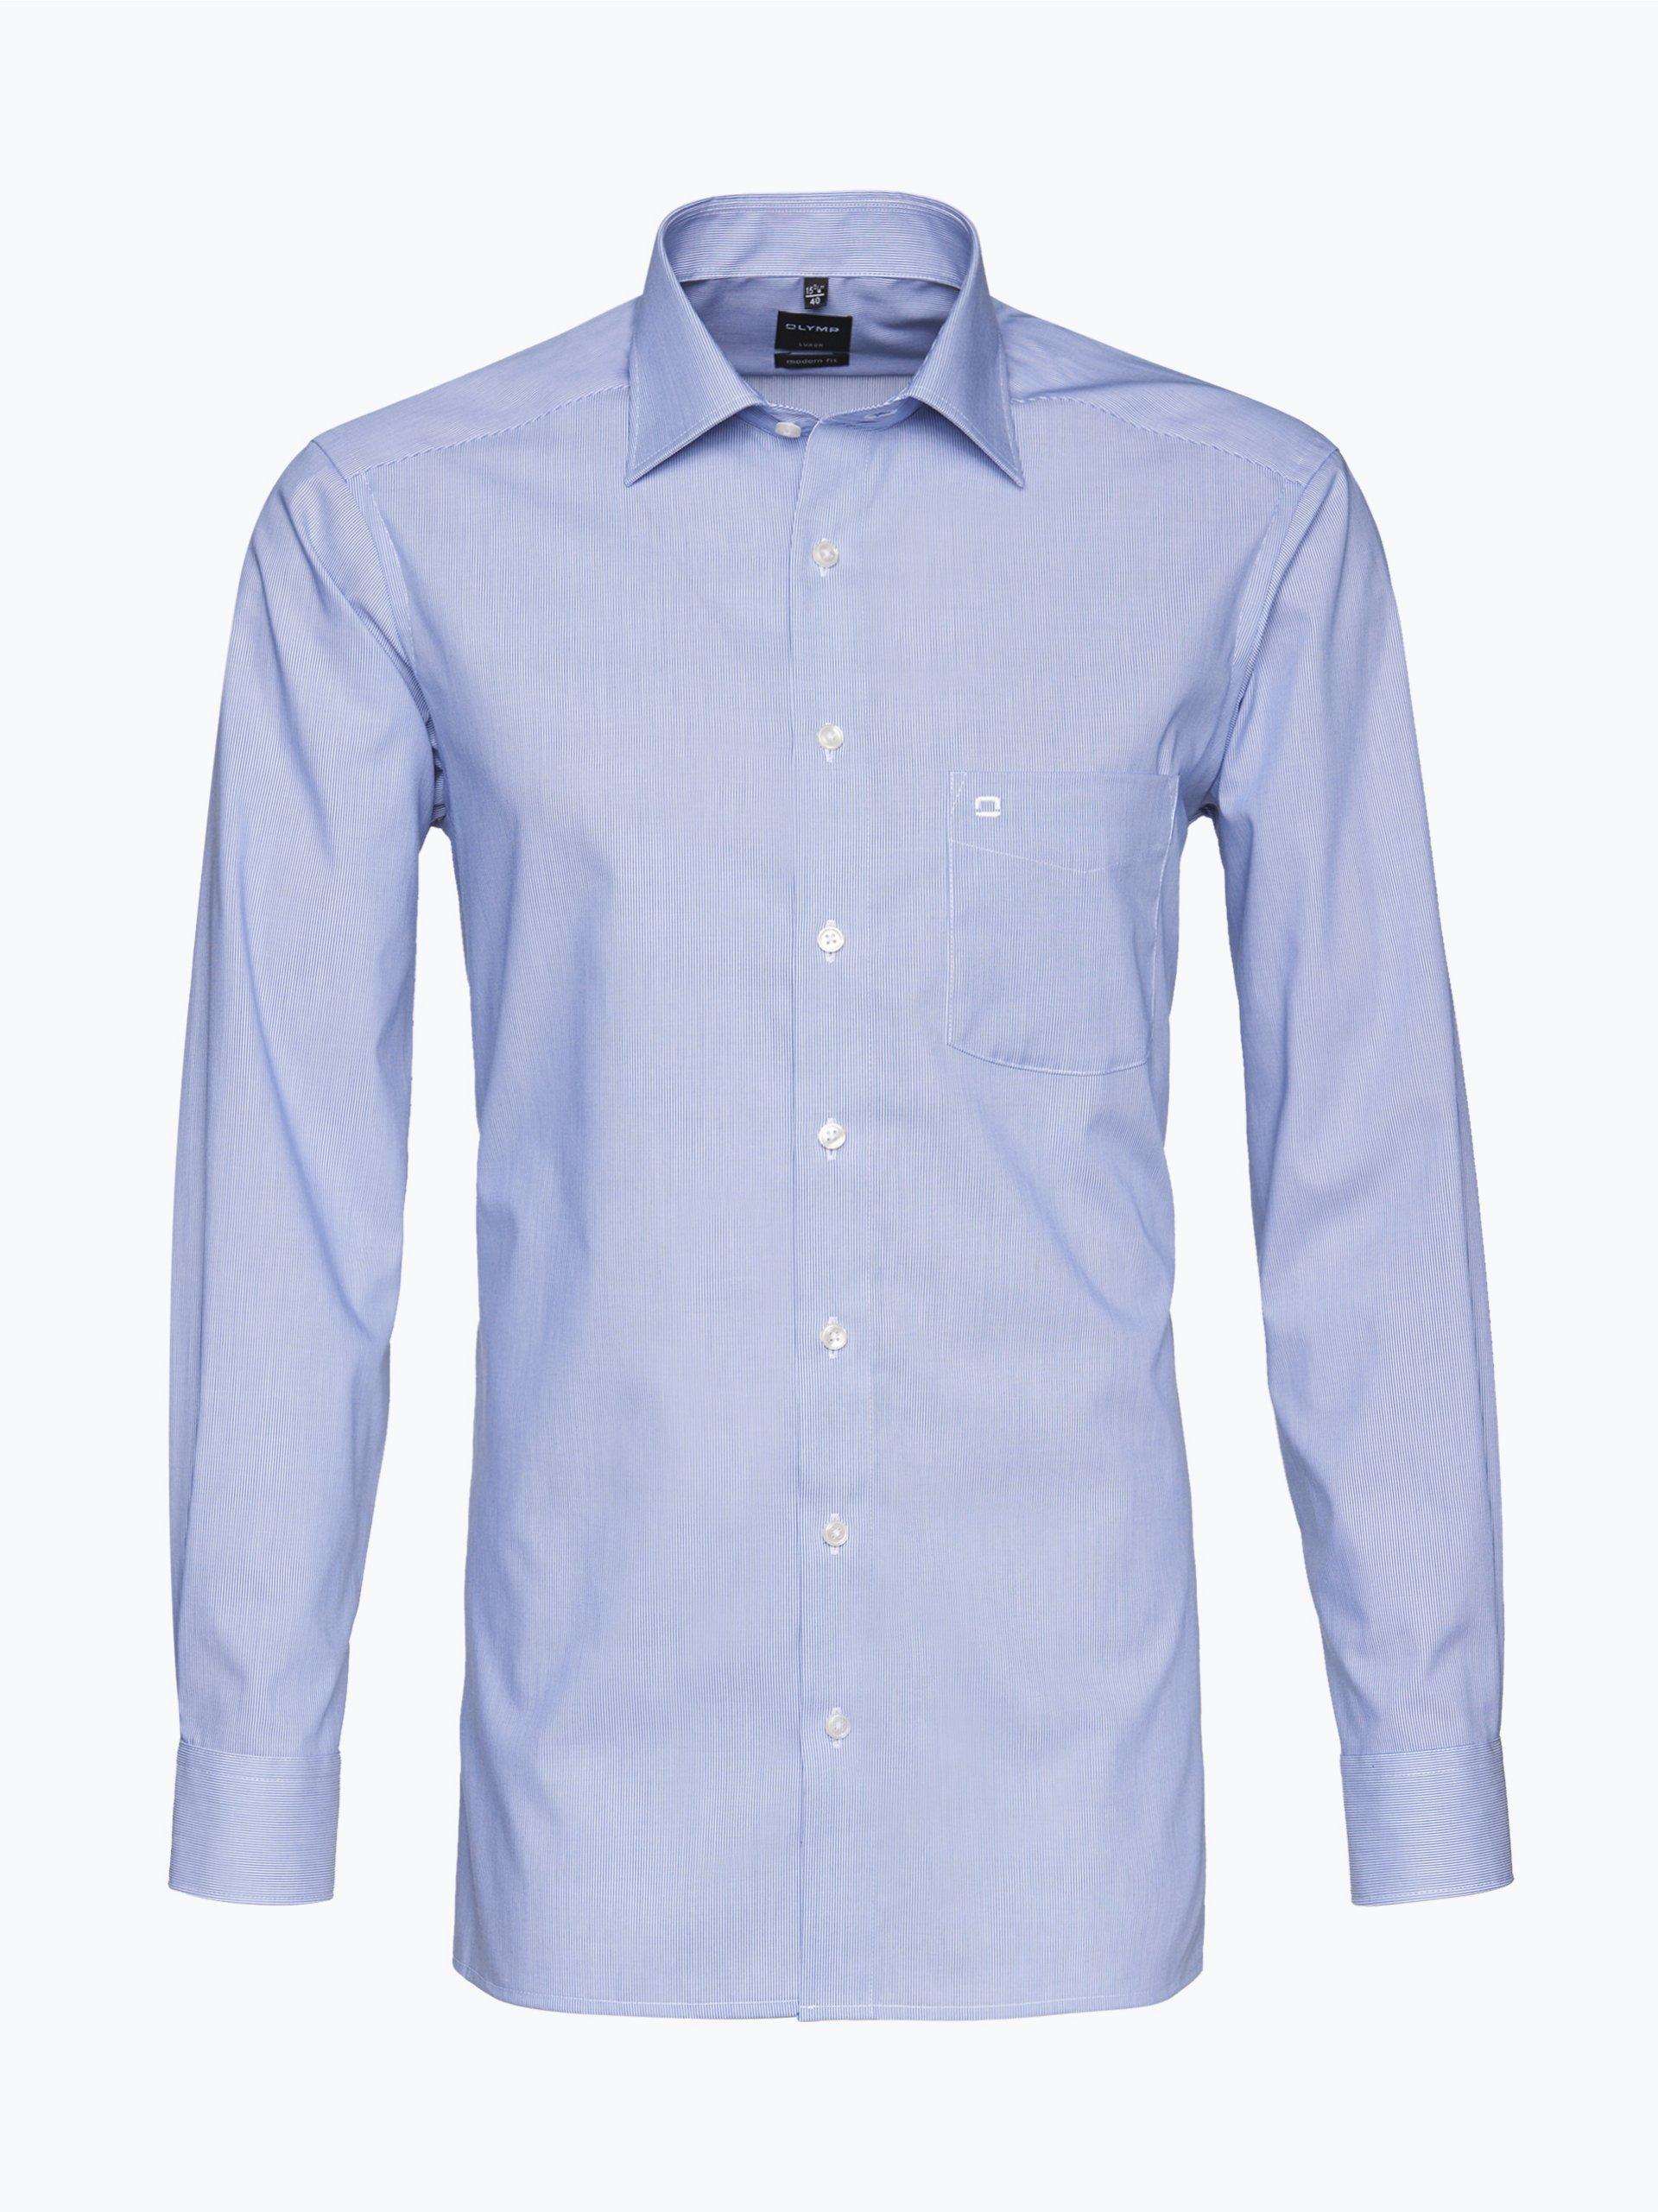 olymp modern fit olymp luxor hemd modern fit indigo. Black Bedroom Furniture Sets. Home Design Ideas